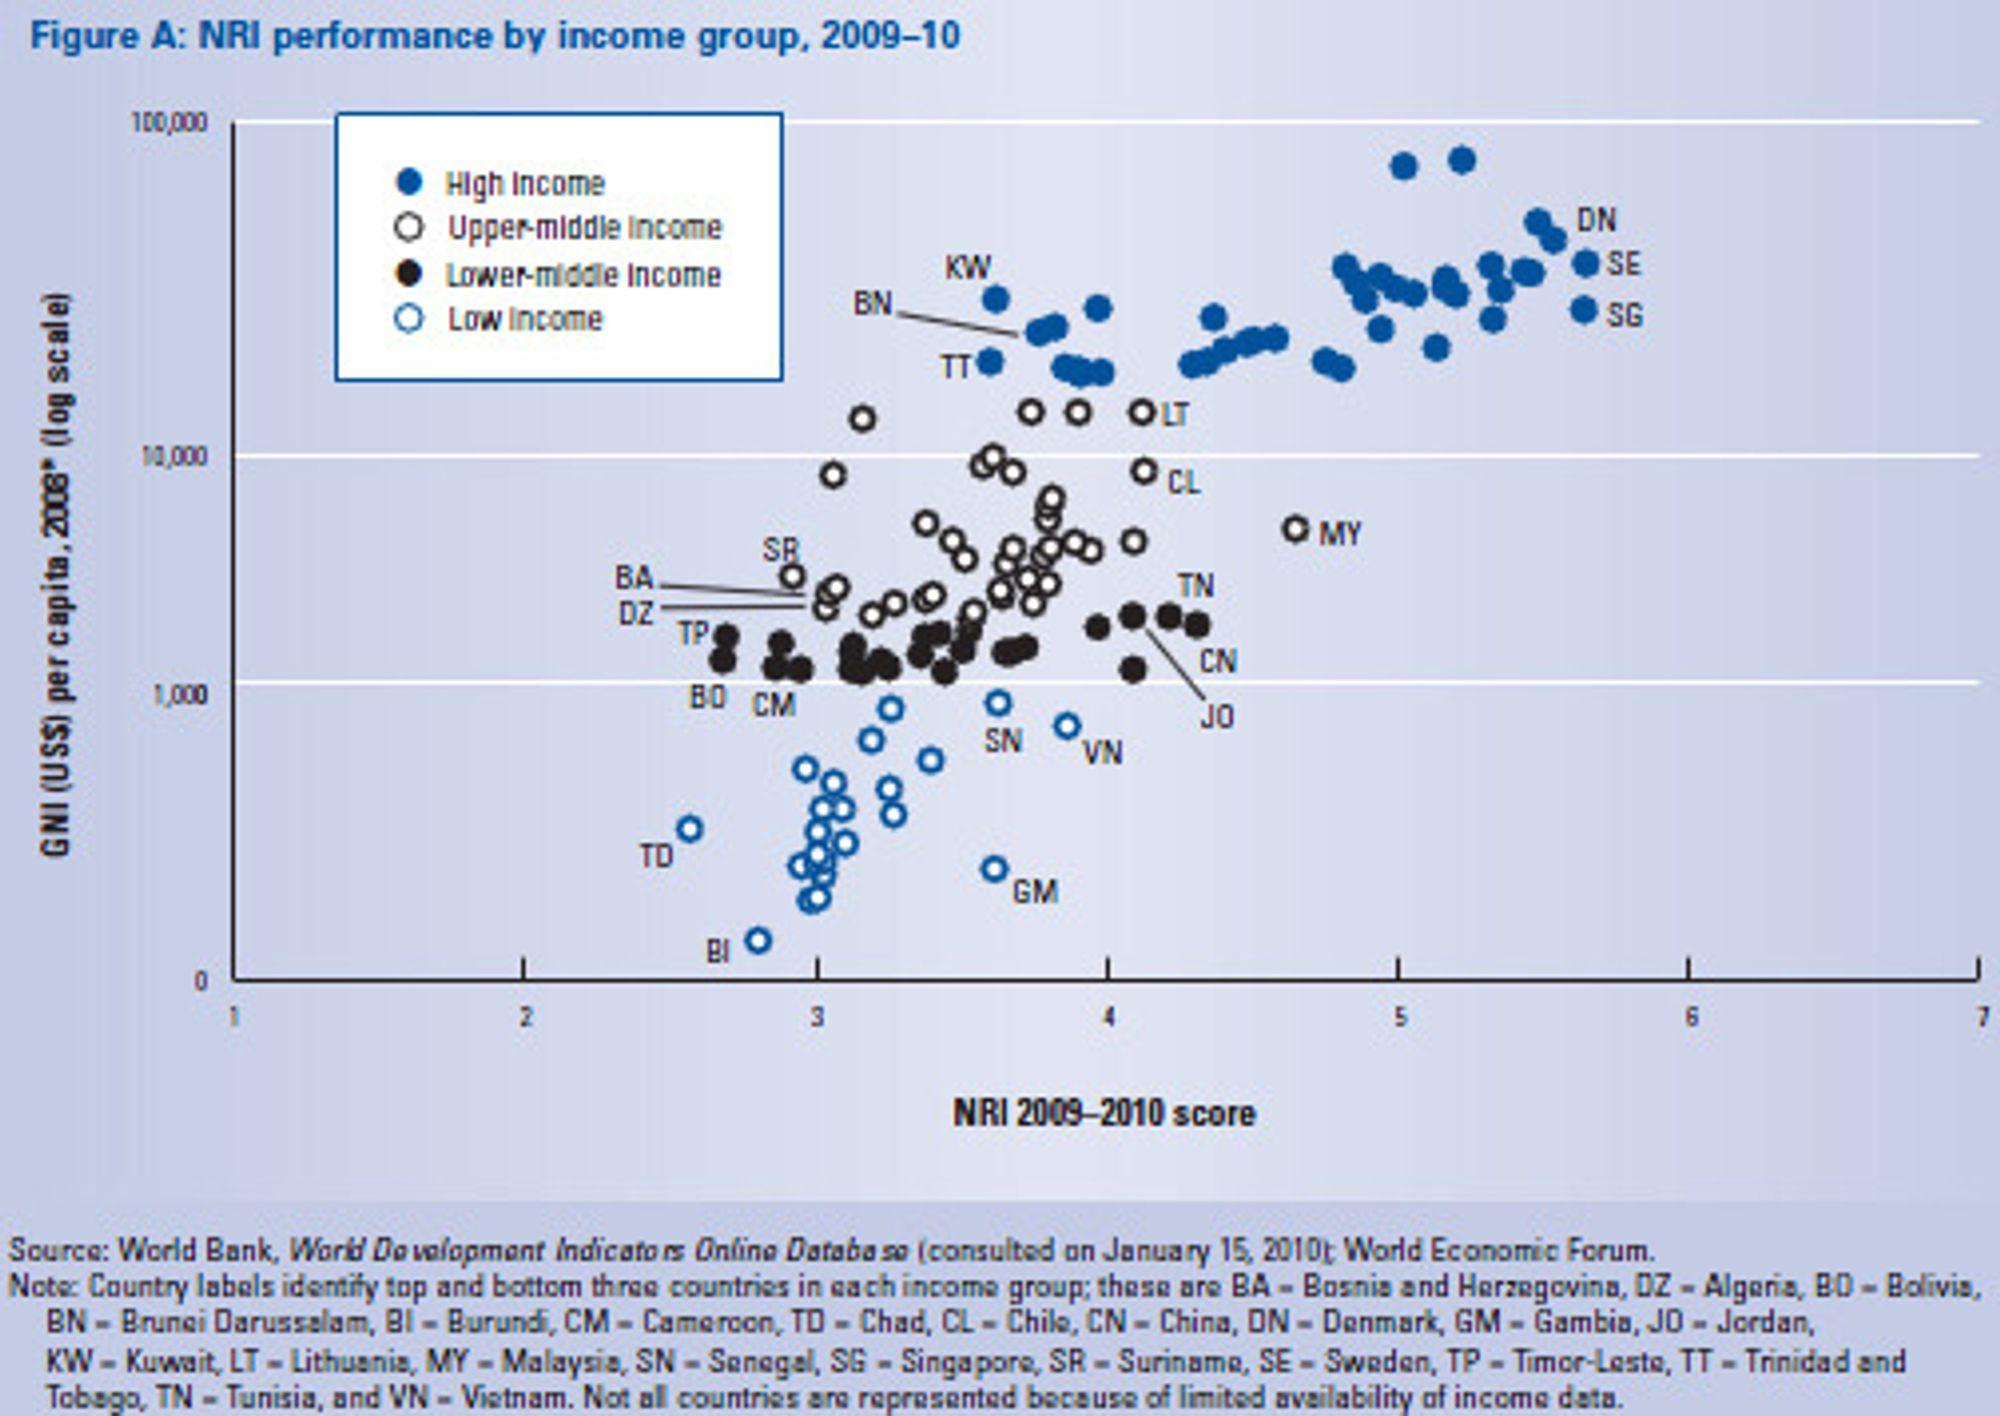 Nasjonalinntekt per hode målt mot NRI viser at det i hver gruppe er ledere som vet å bruke IKT til akselerert økonomisk vekst. Malaysia (MY) er på høyde med gjennomsnittet blant høyinntektsland, og Kina (CN) ligger ikke langt etter.